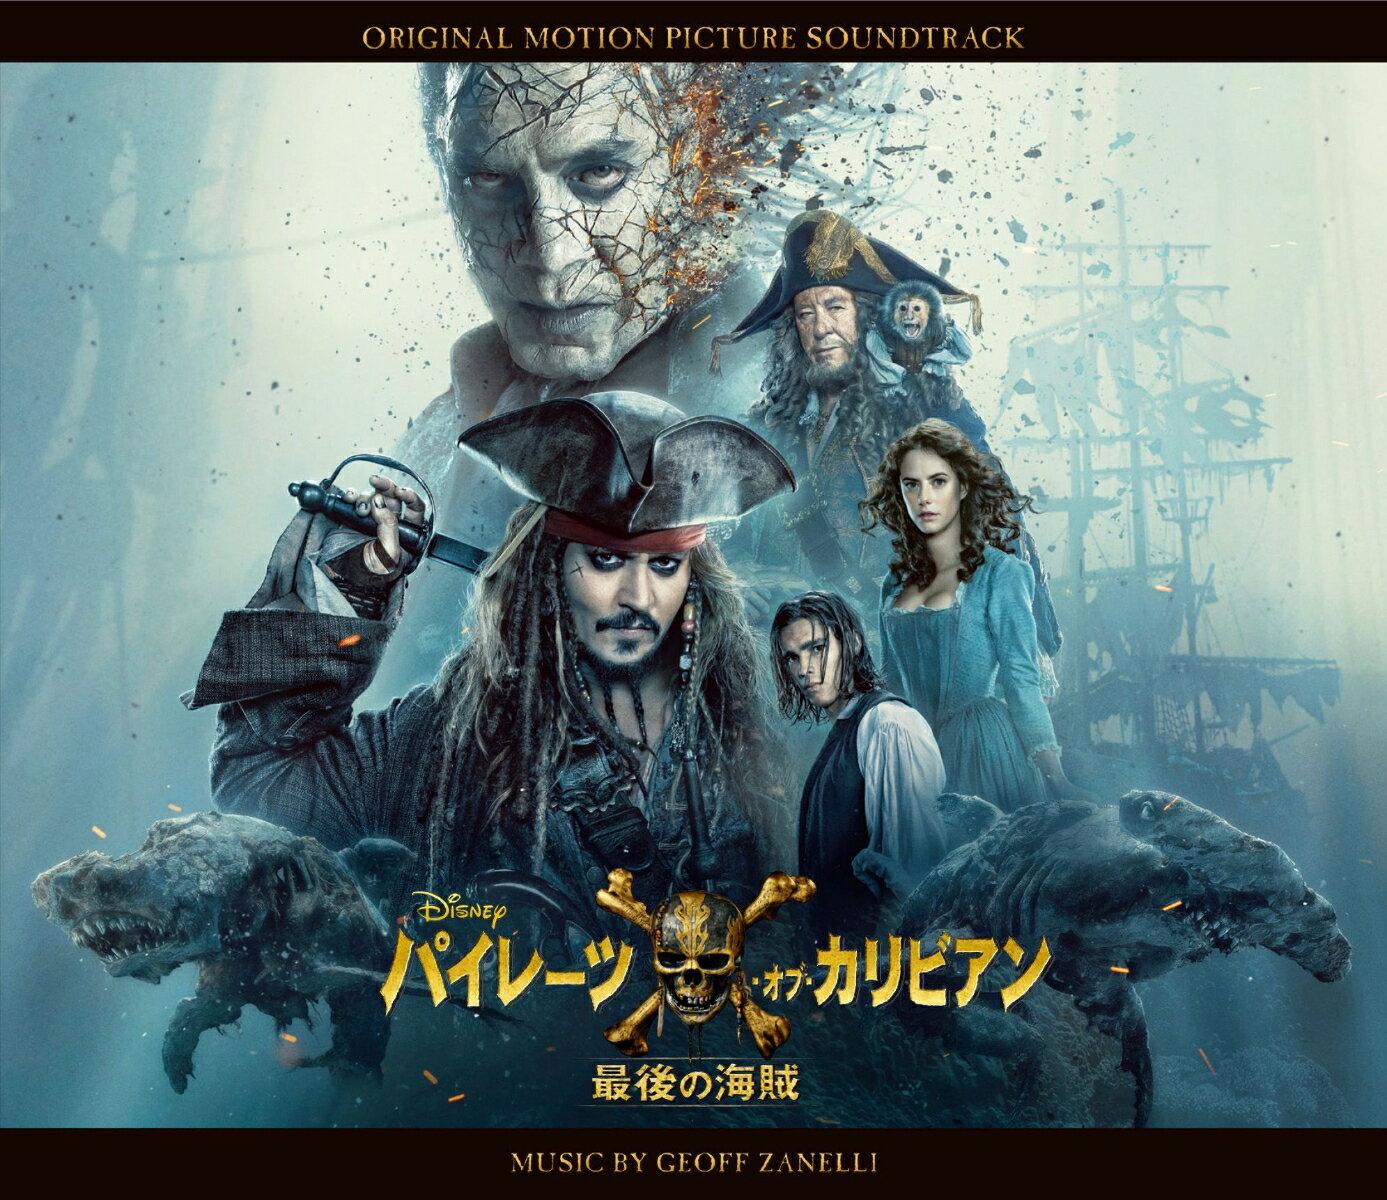 パイレーツ・オブ・カリビアン/最後の海賊 オリジナル・サウンドトラック [ (オリジナル・サウンドトラック) ]